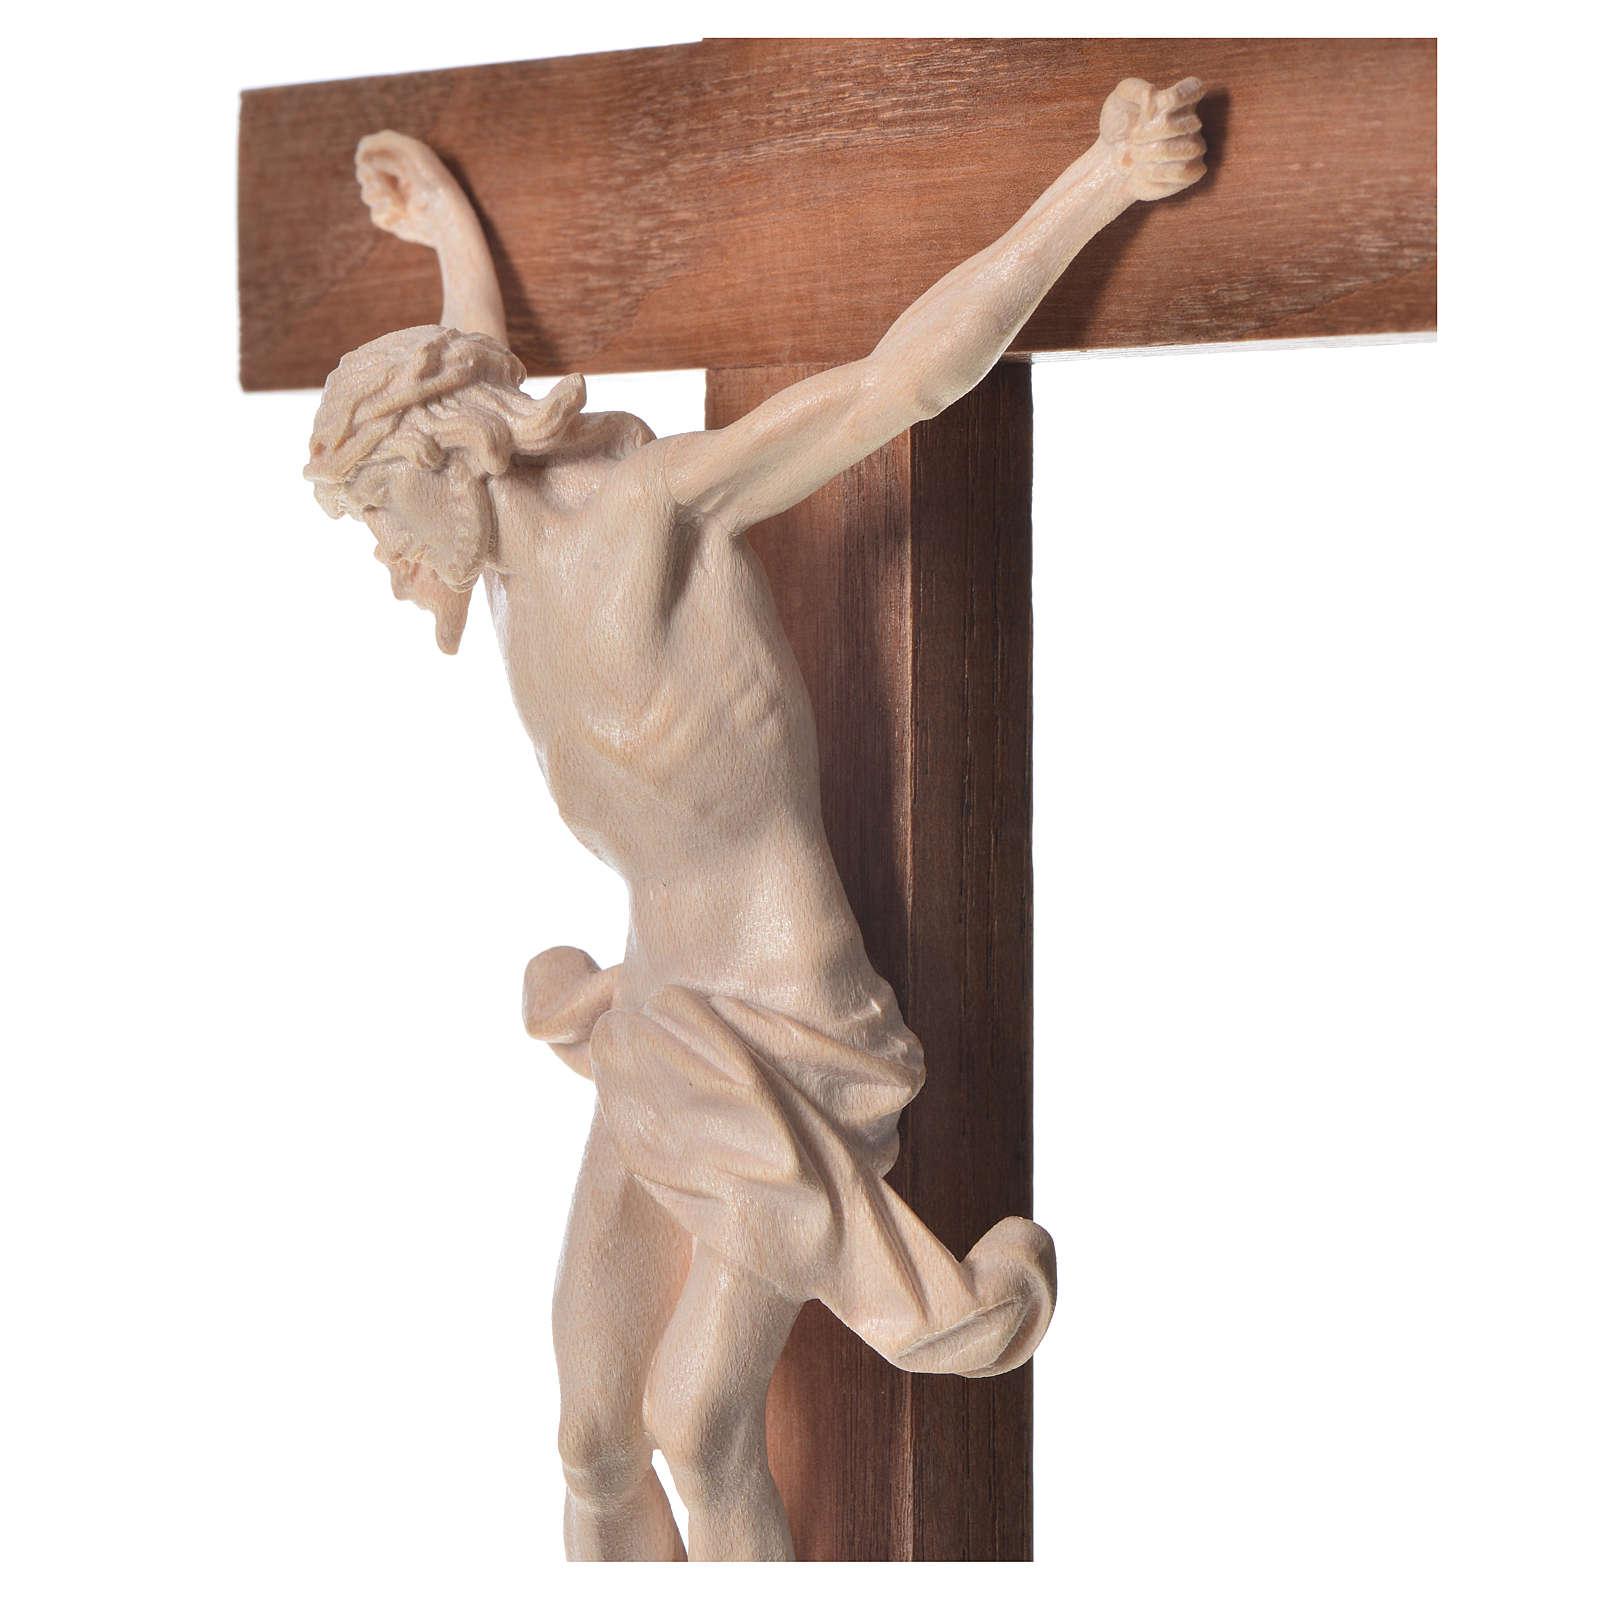 Crocefisso croce dritta mod. Corpus Valgardena naturale cerato 4